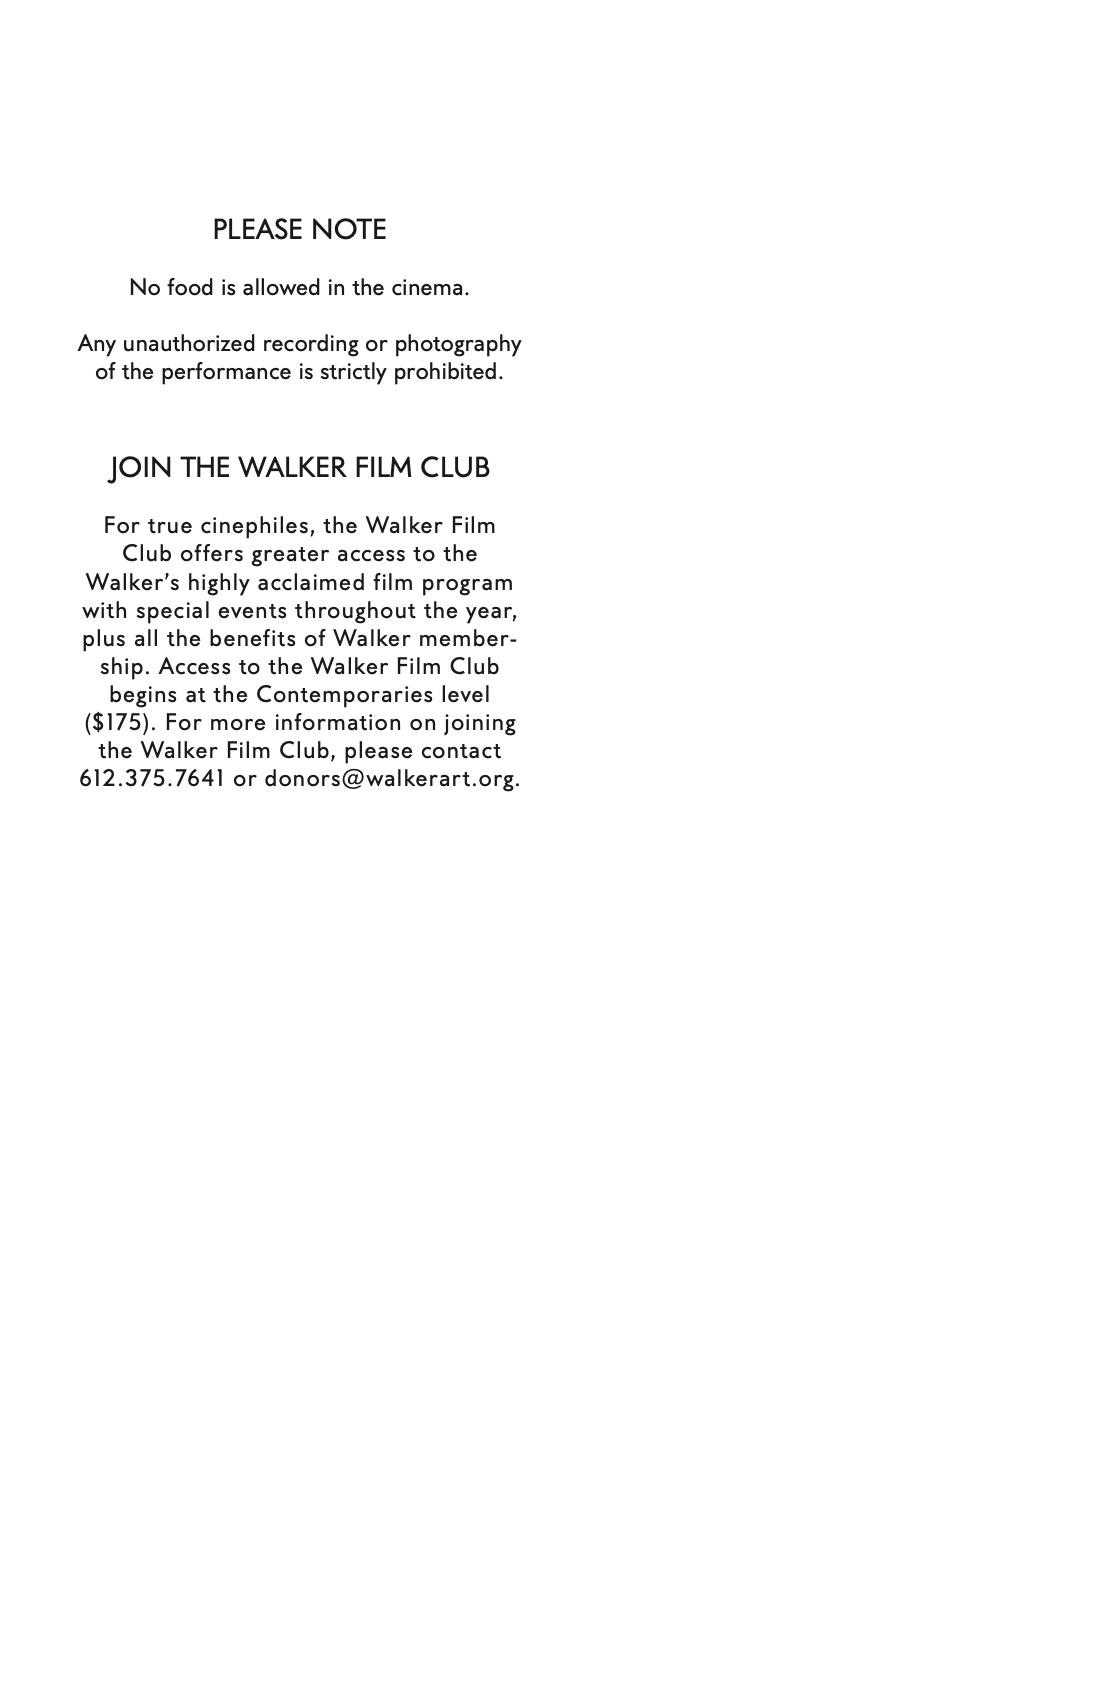 Bong Joon Ho Dialogue brochure page 2